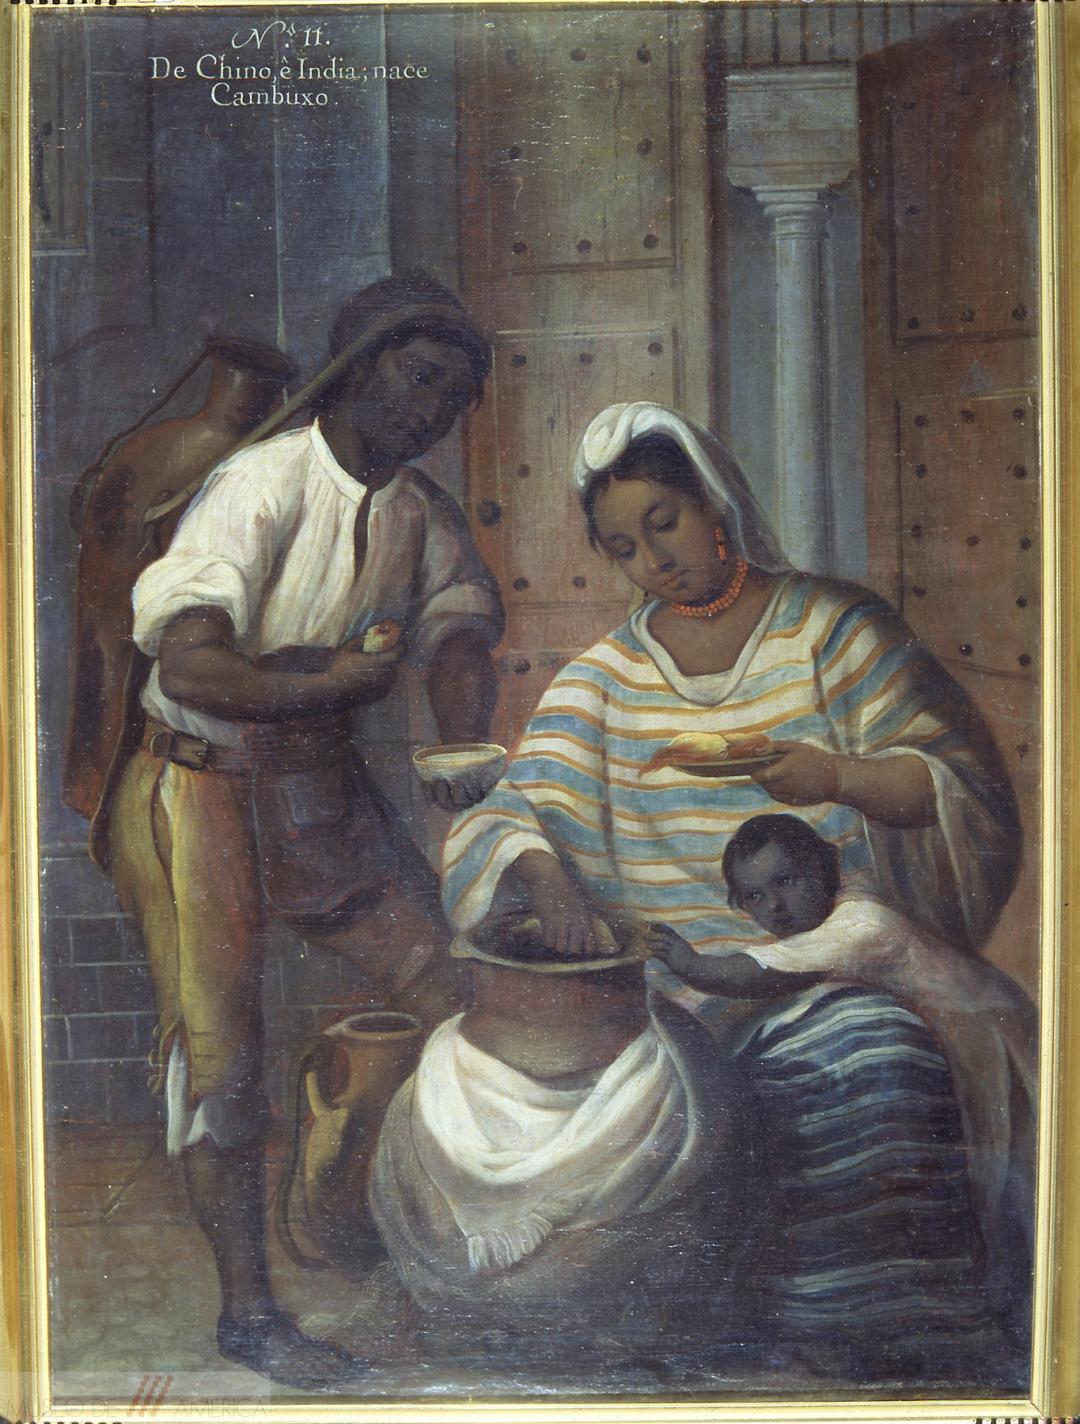 Andrés de Islas, No. 11. De chino e india, nace cambujo, 1774